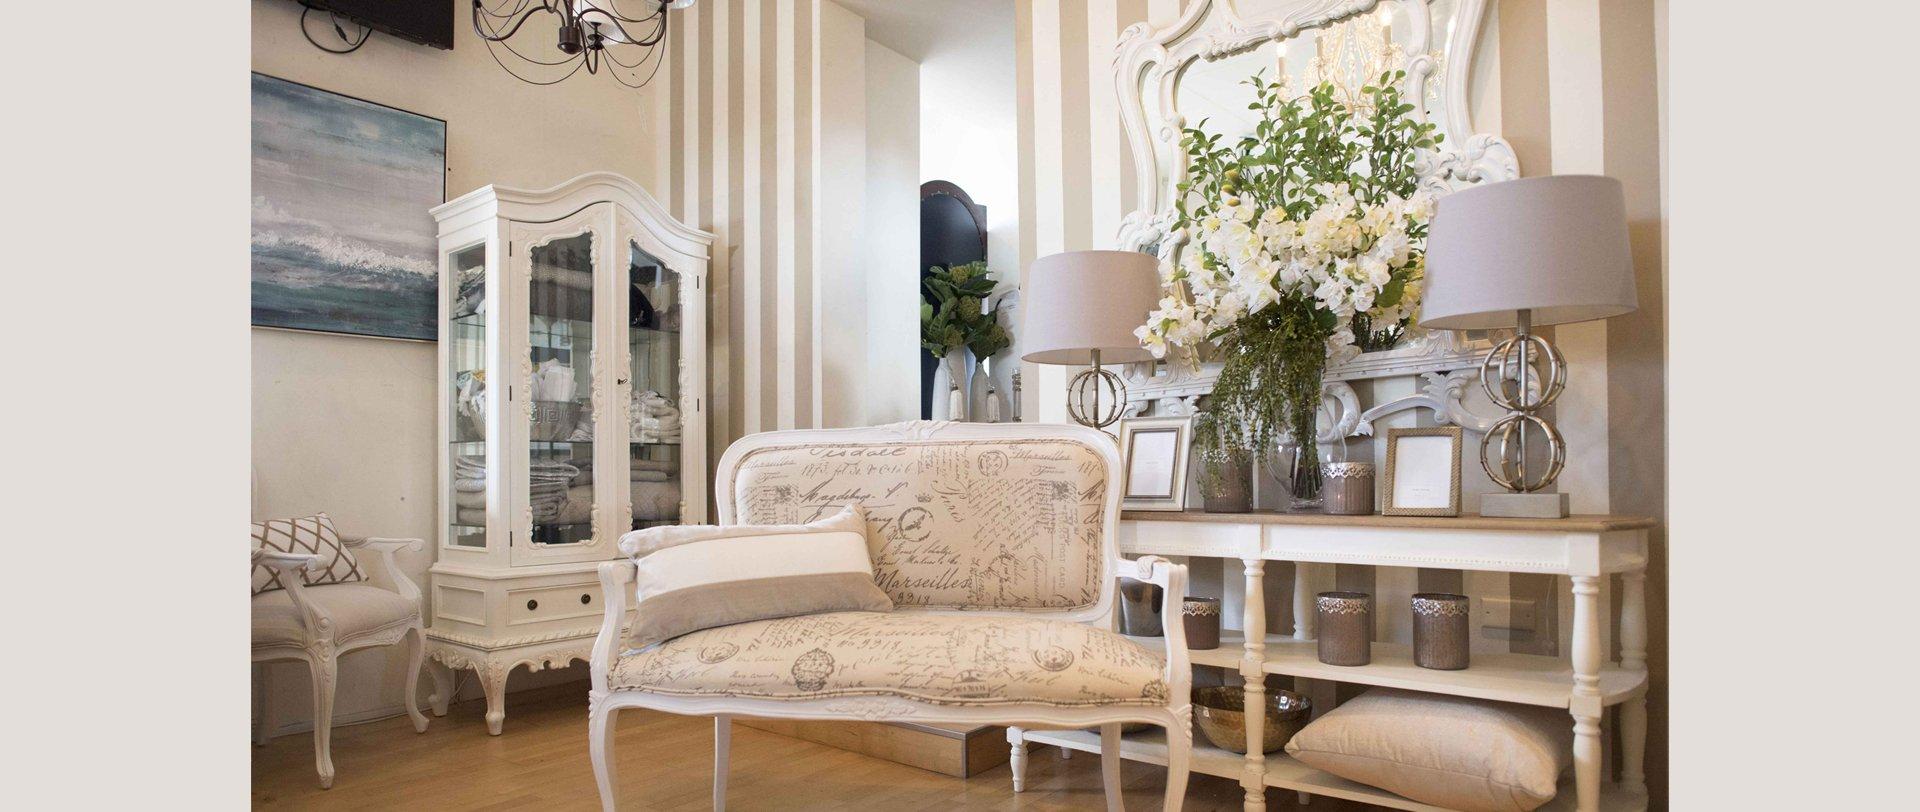 Voilà Maison | Voilà Maison - French Furniture & Homewares